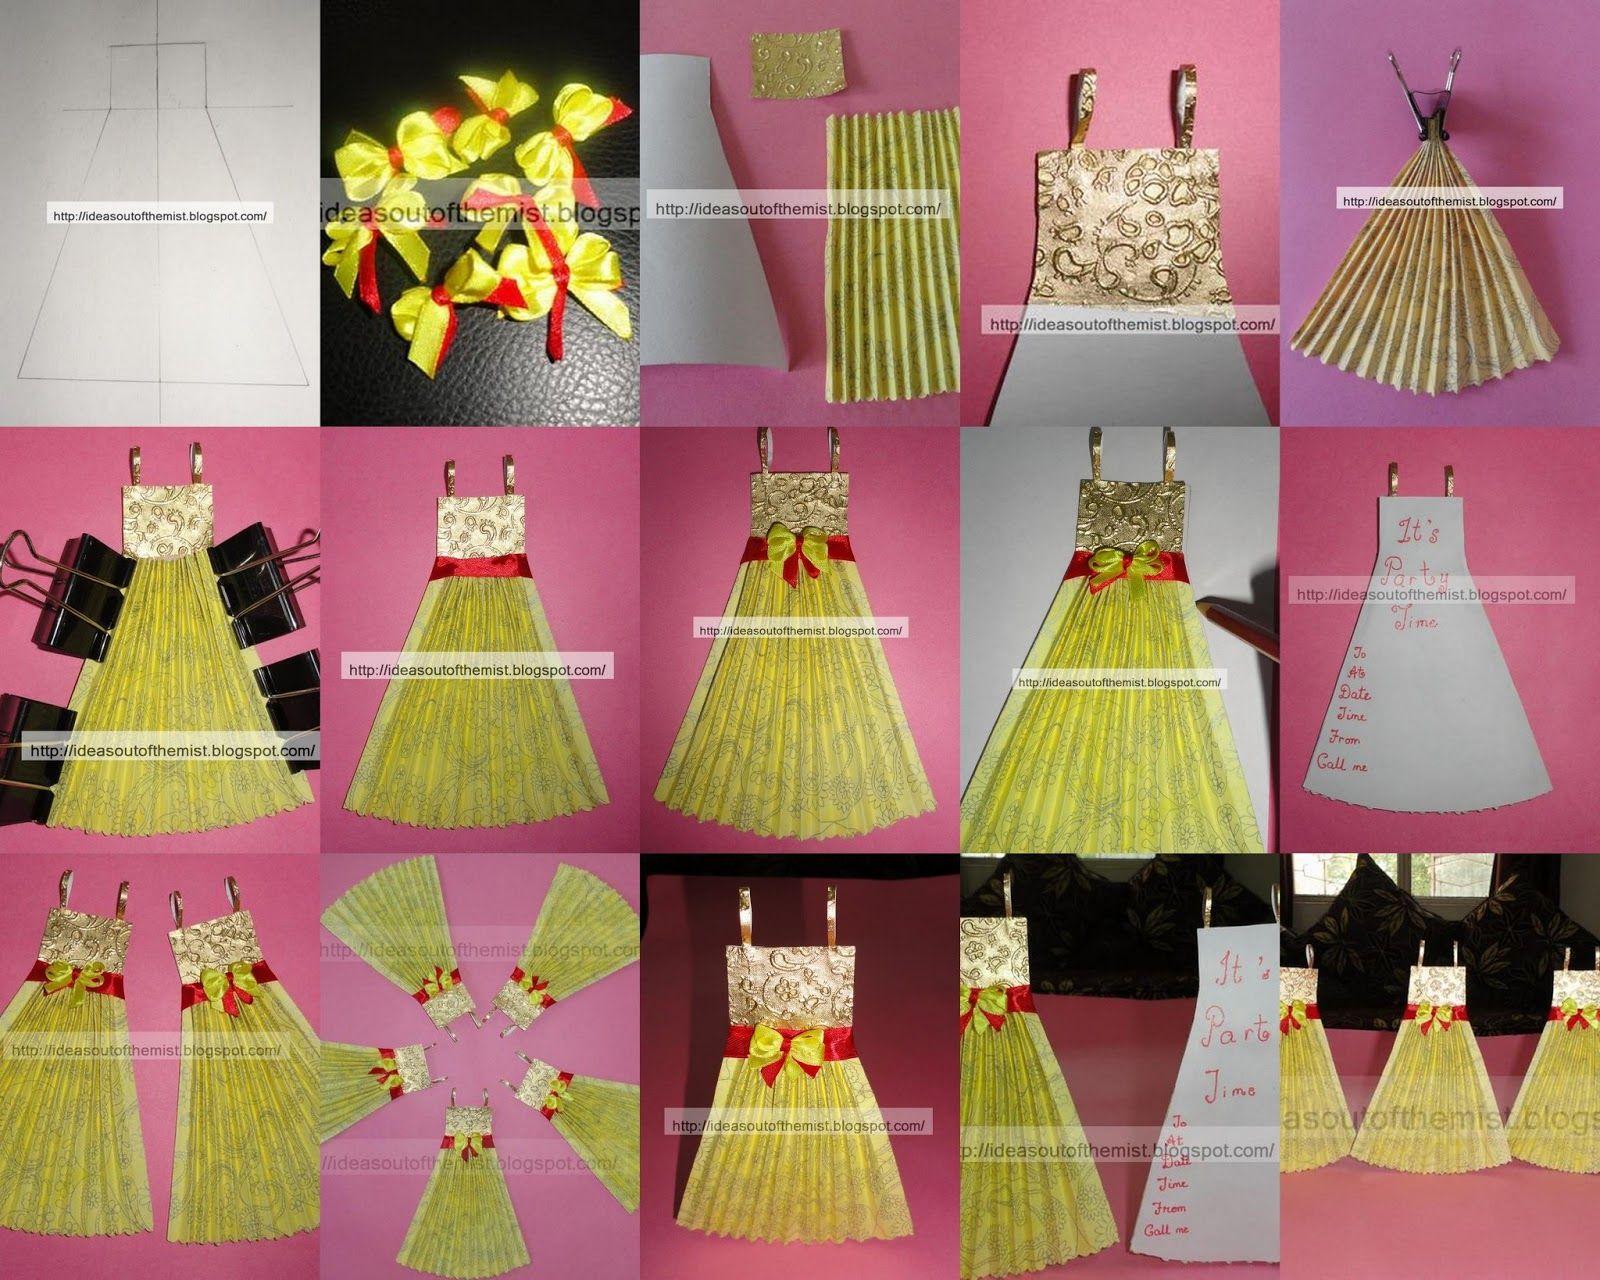 Pintrest Handmade Birthday Card Ideas | Ideas out of the mist ...